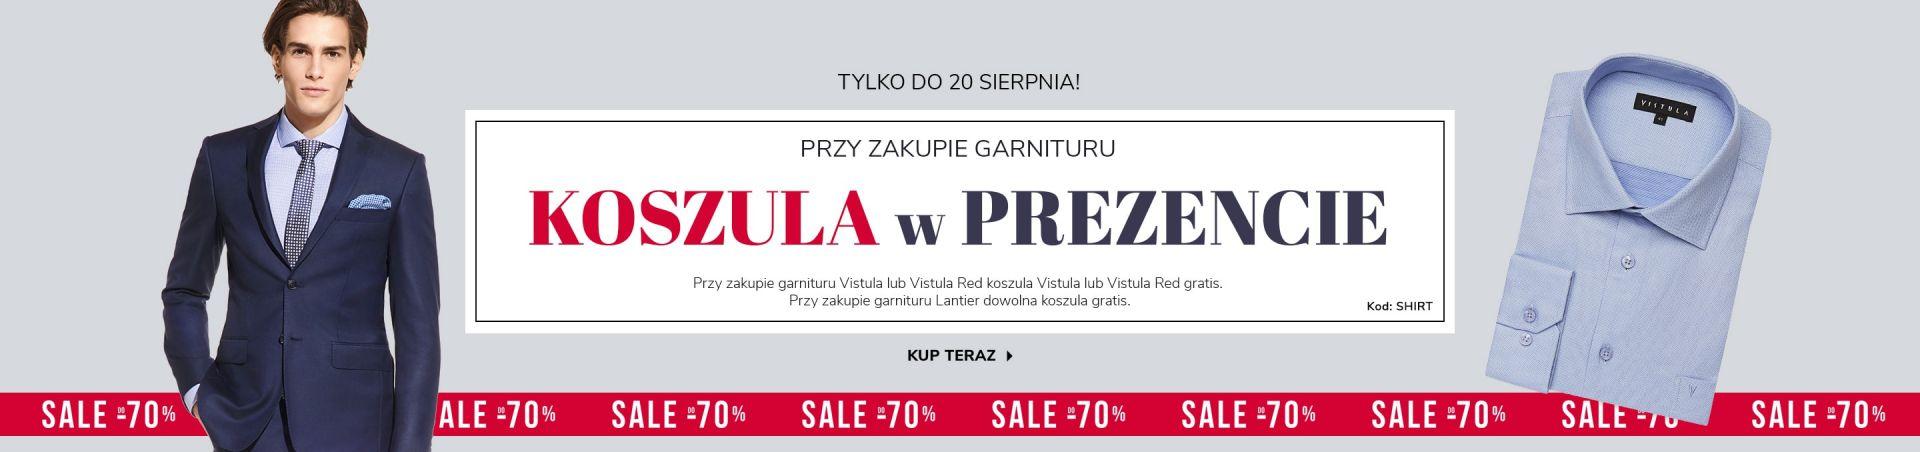 Vistula: przy zakupie garnituru koszula w prezencie  bKC5S